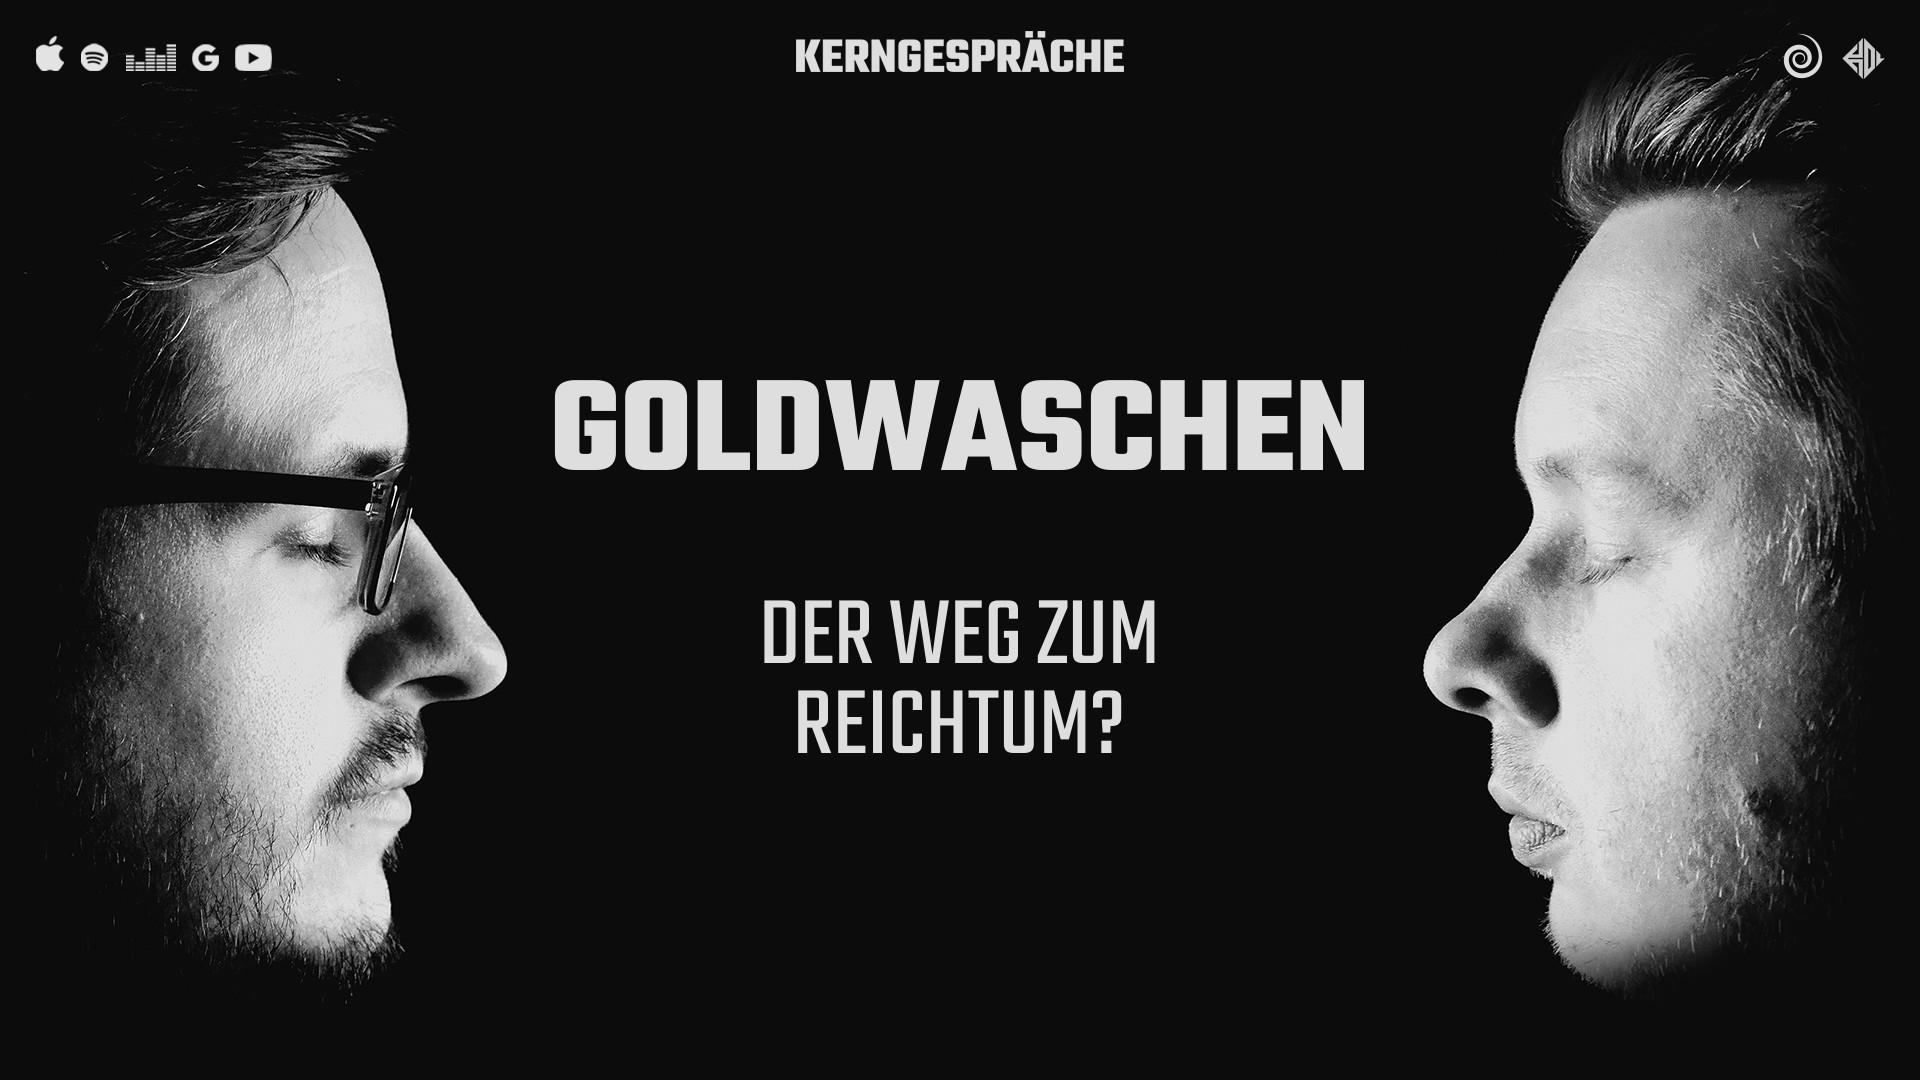 Goldwaschen: DER Weg zum Reichtum?